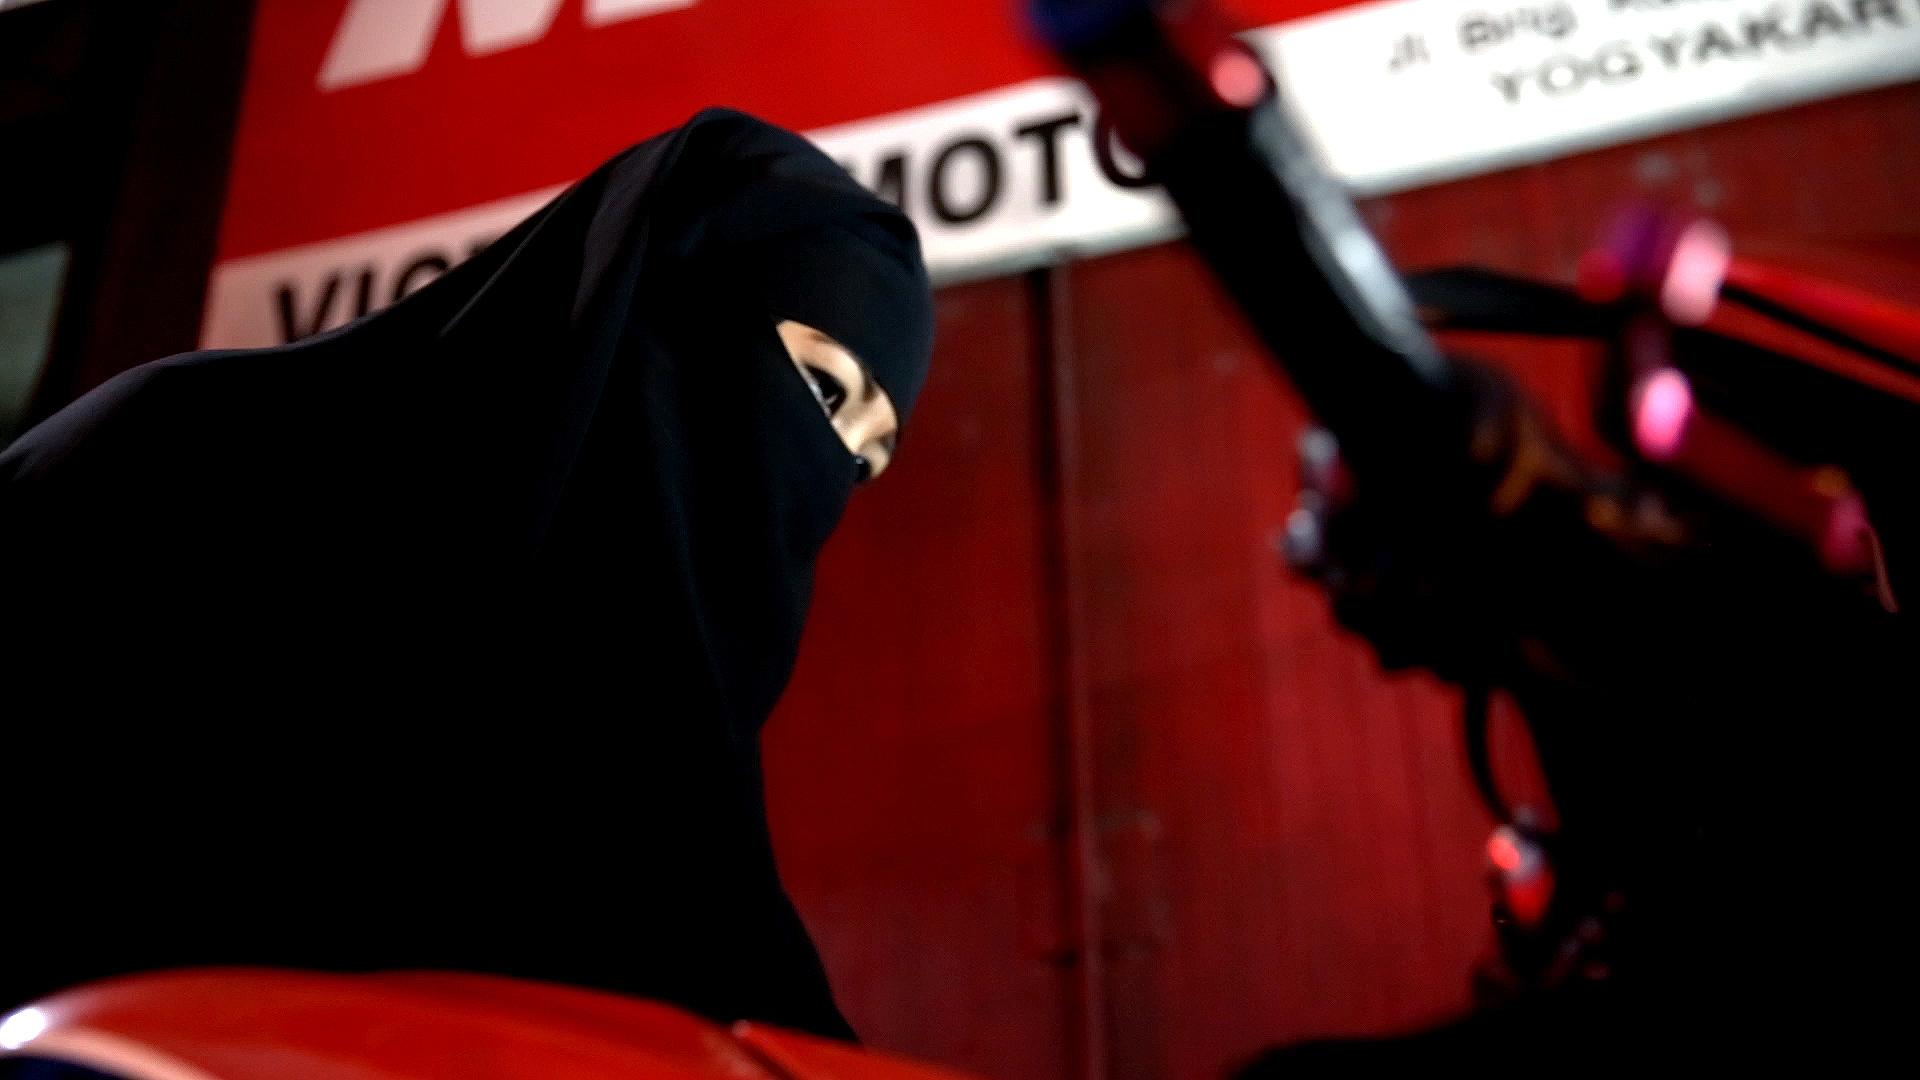 Kisah lady biker bercadar, dari dicegat penjahat hingga dikira teroris